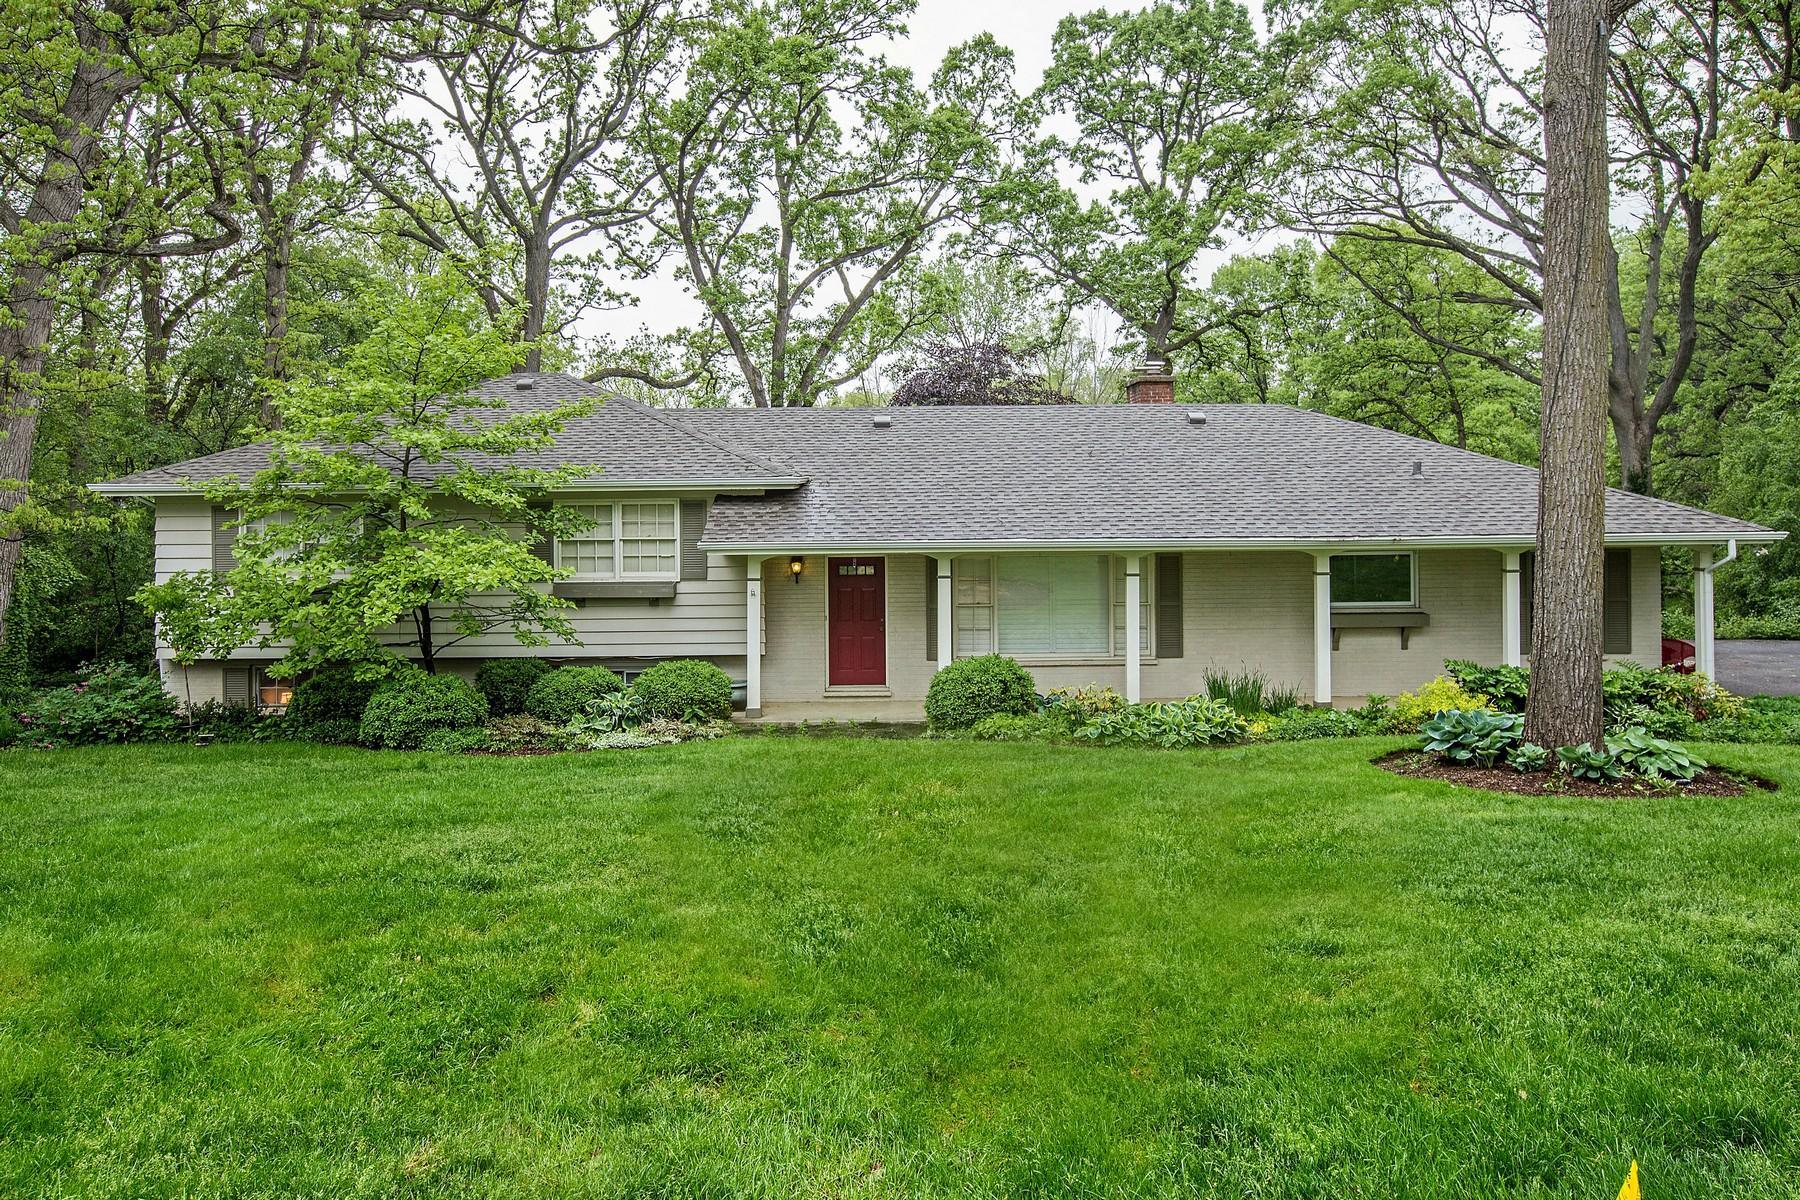 Casa Unifamiliar por un Venta en Beautiful Wooded 2.74 Acre Homesite 1152 Blackburn Drive Inverness, Illinois, 60067 Estados Unidos